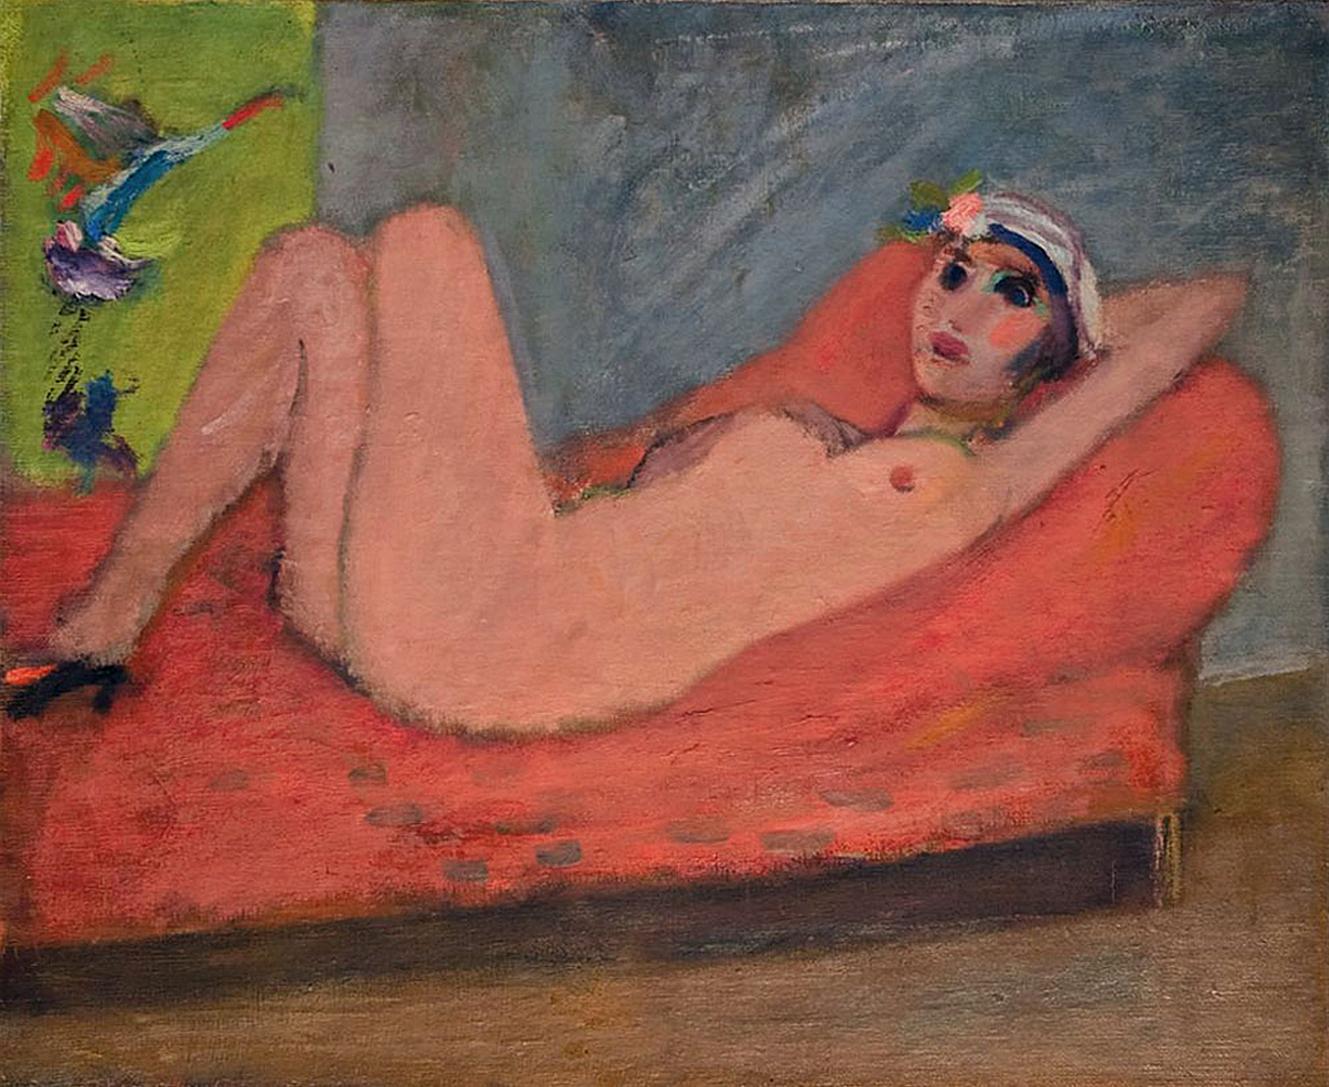 Артур Нахт-Самборський. Ню на червоній софі 1935; олія, полотно